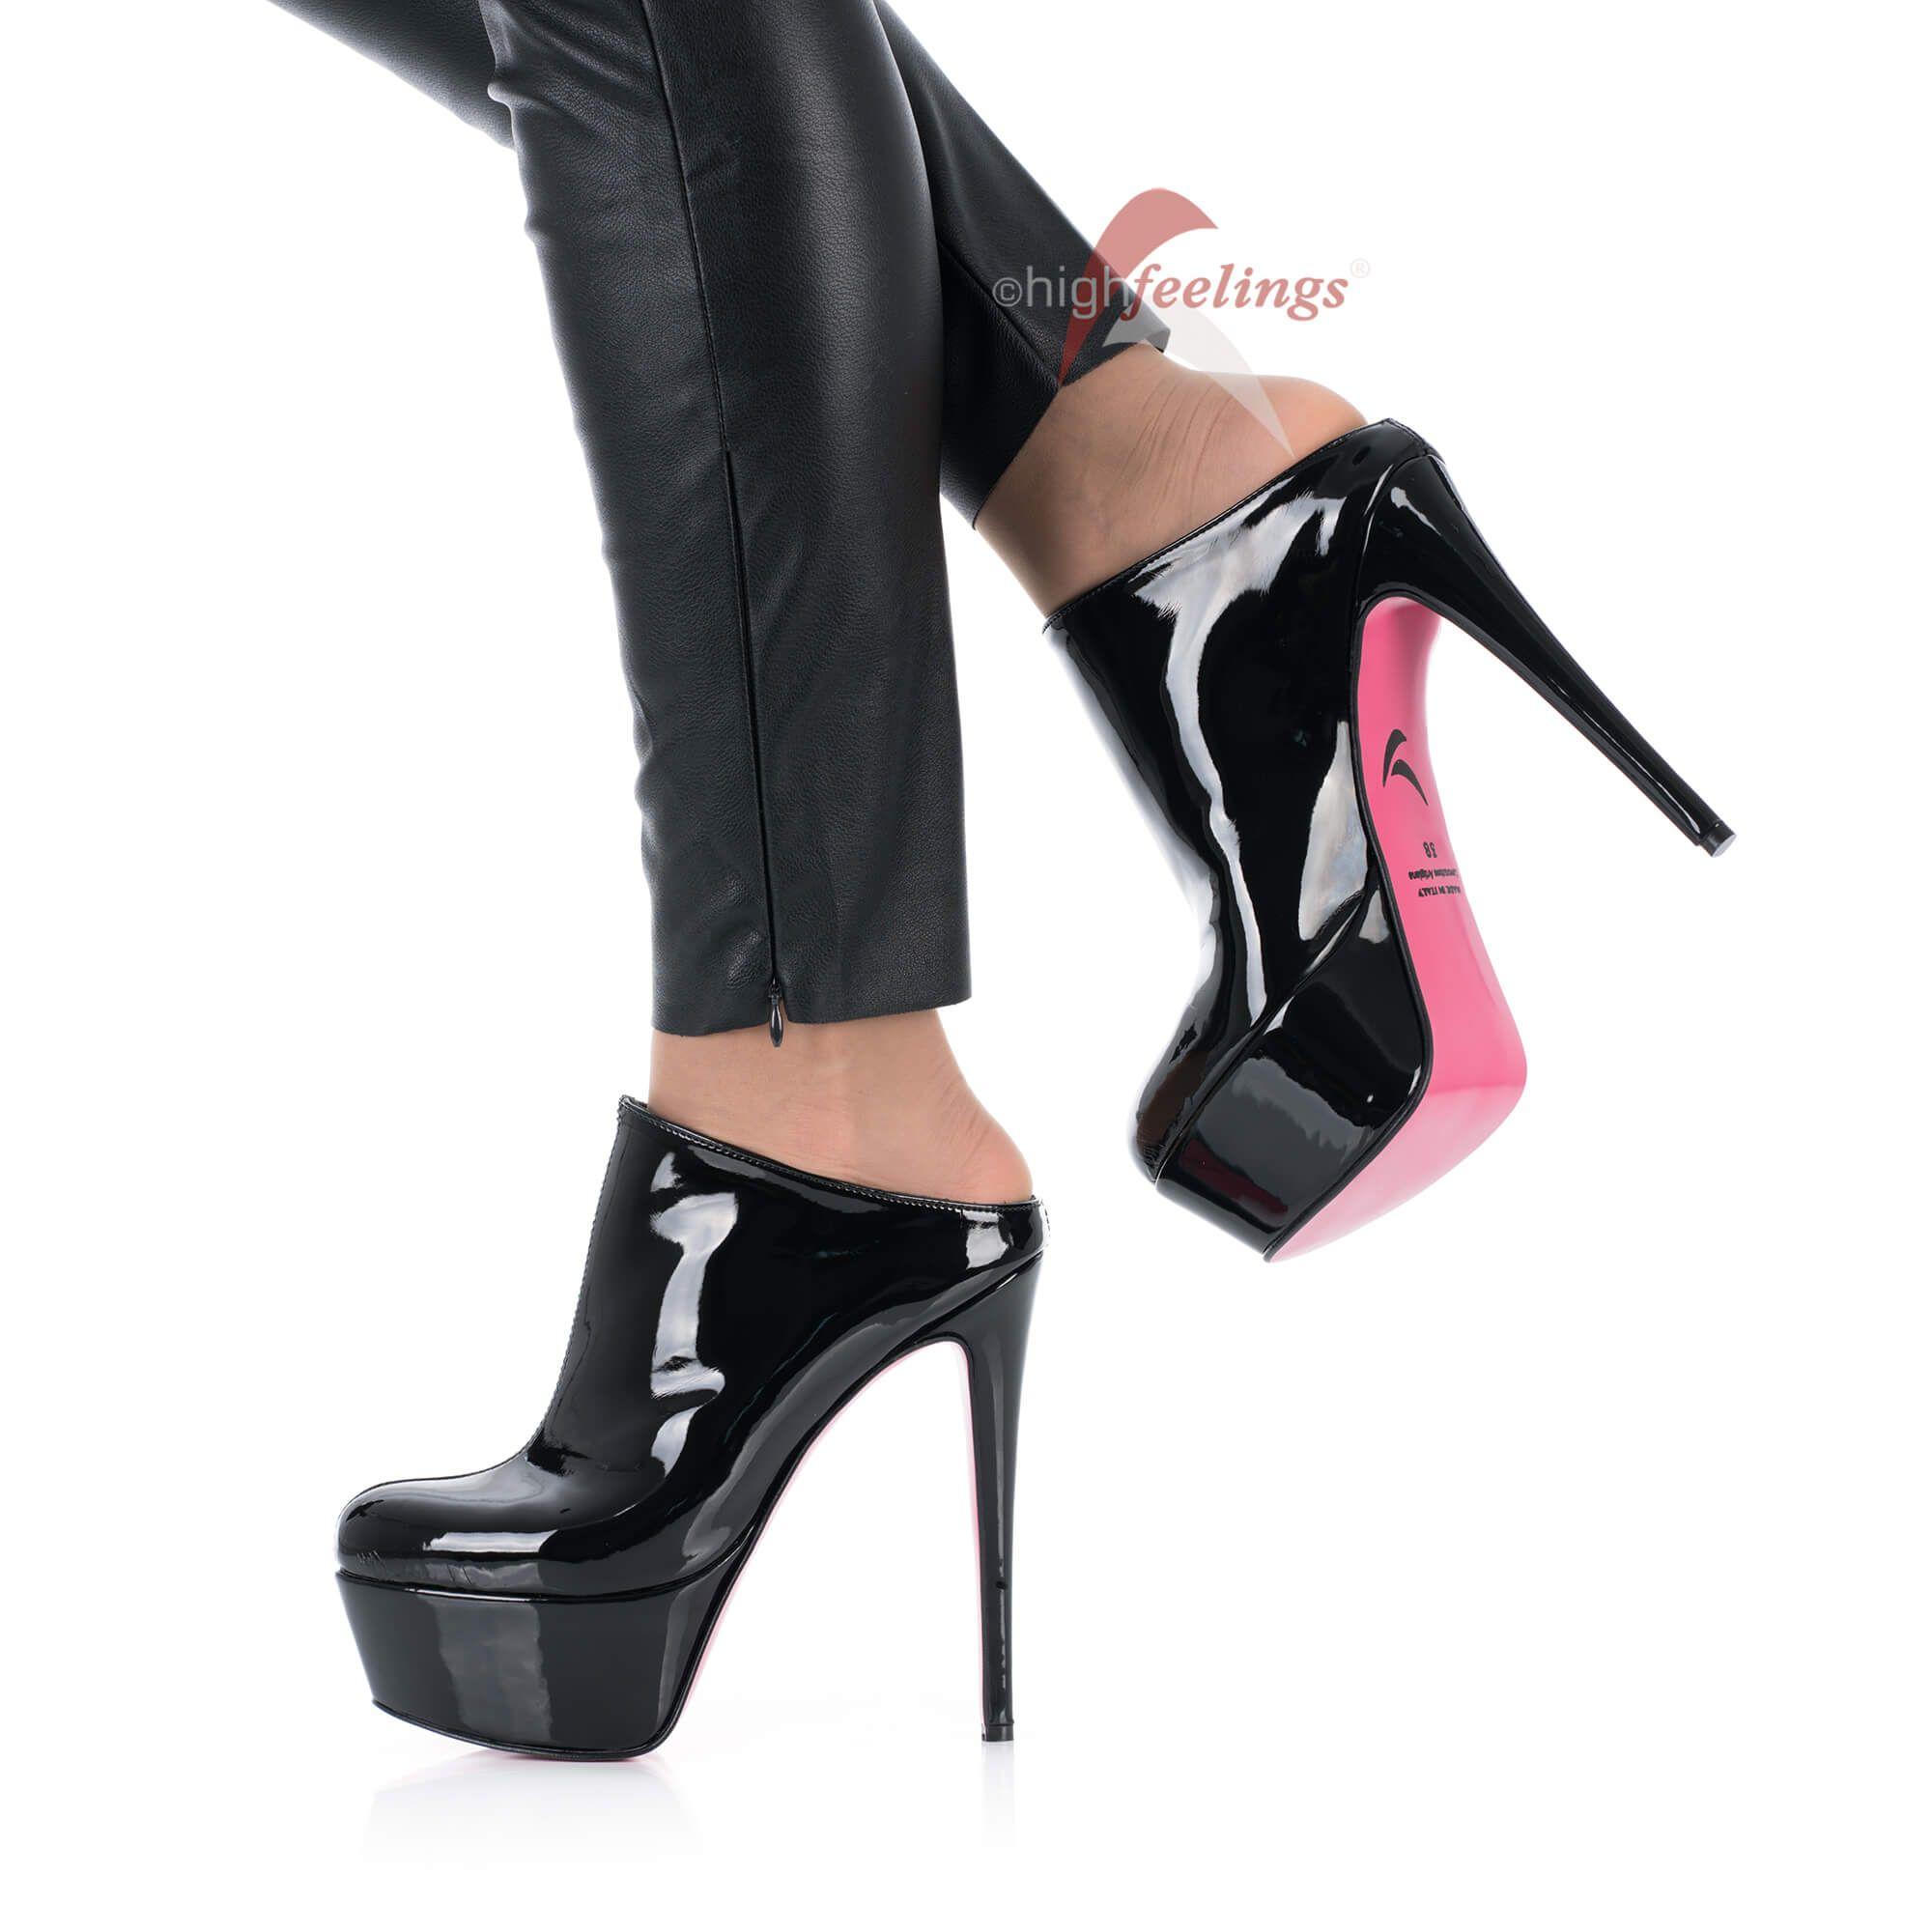 Damen Lack Pantoletten 5 cm Plateau 14-16 cm High Heels Schwarz EU 36-47